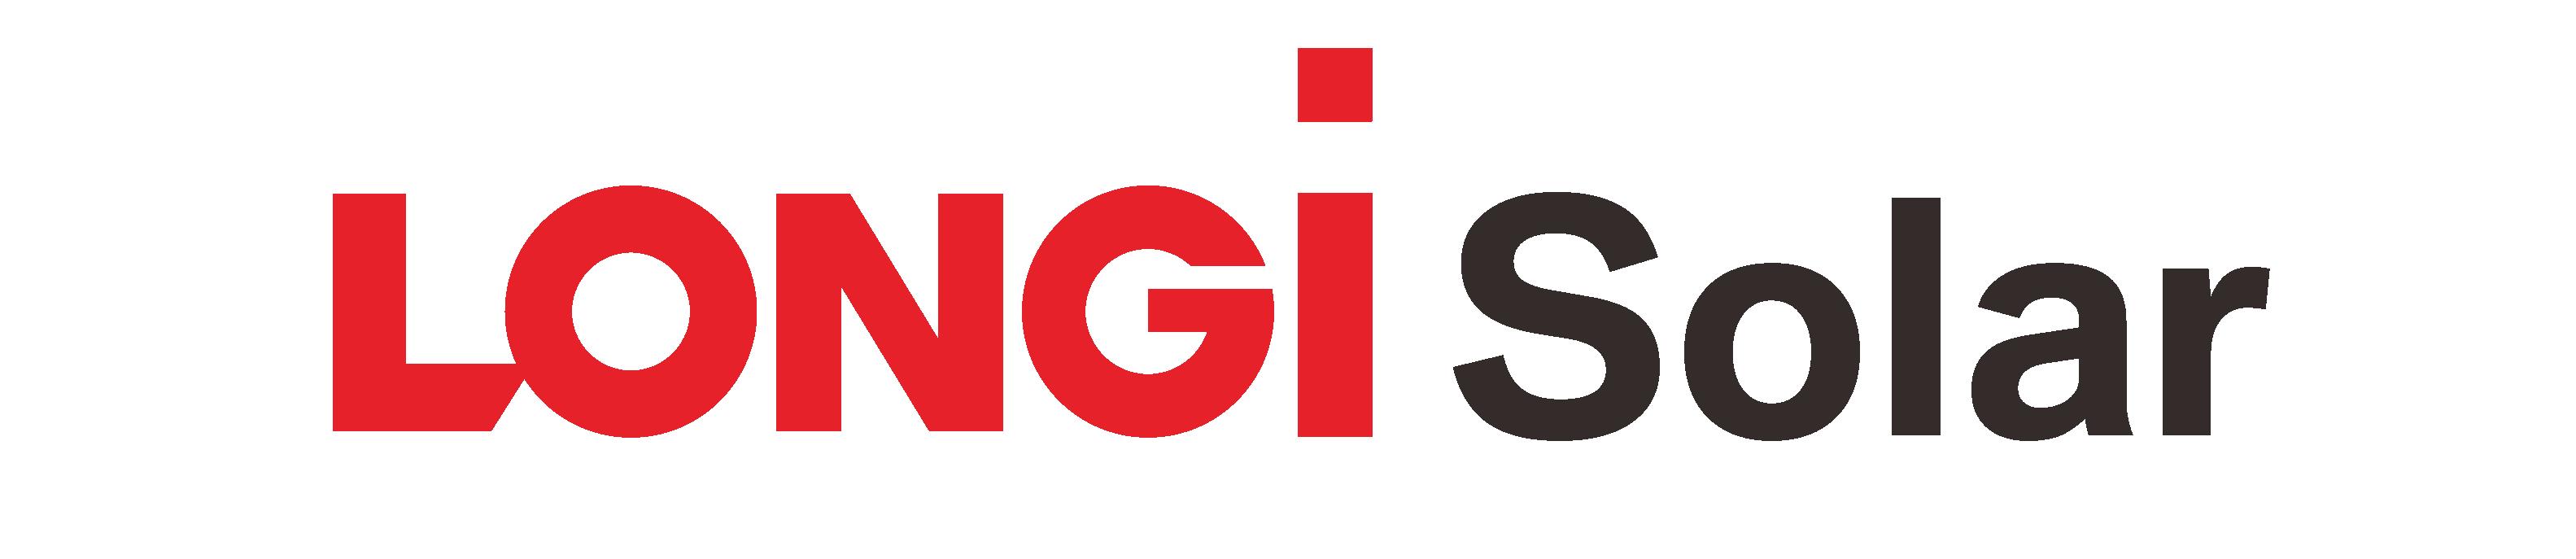 lg logo billede med transparens